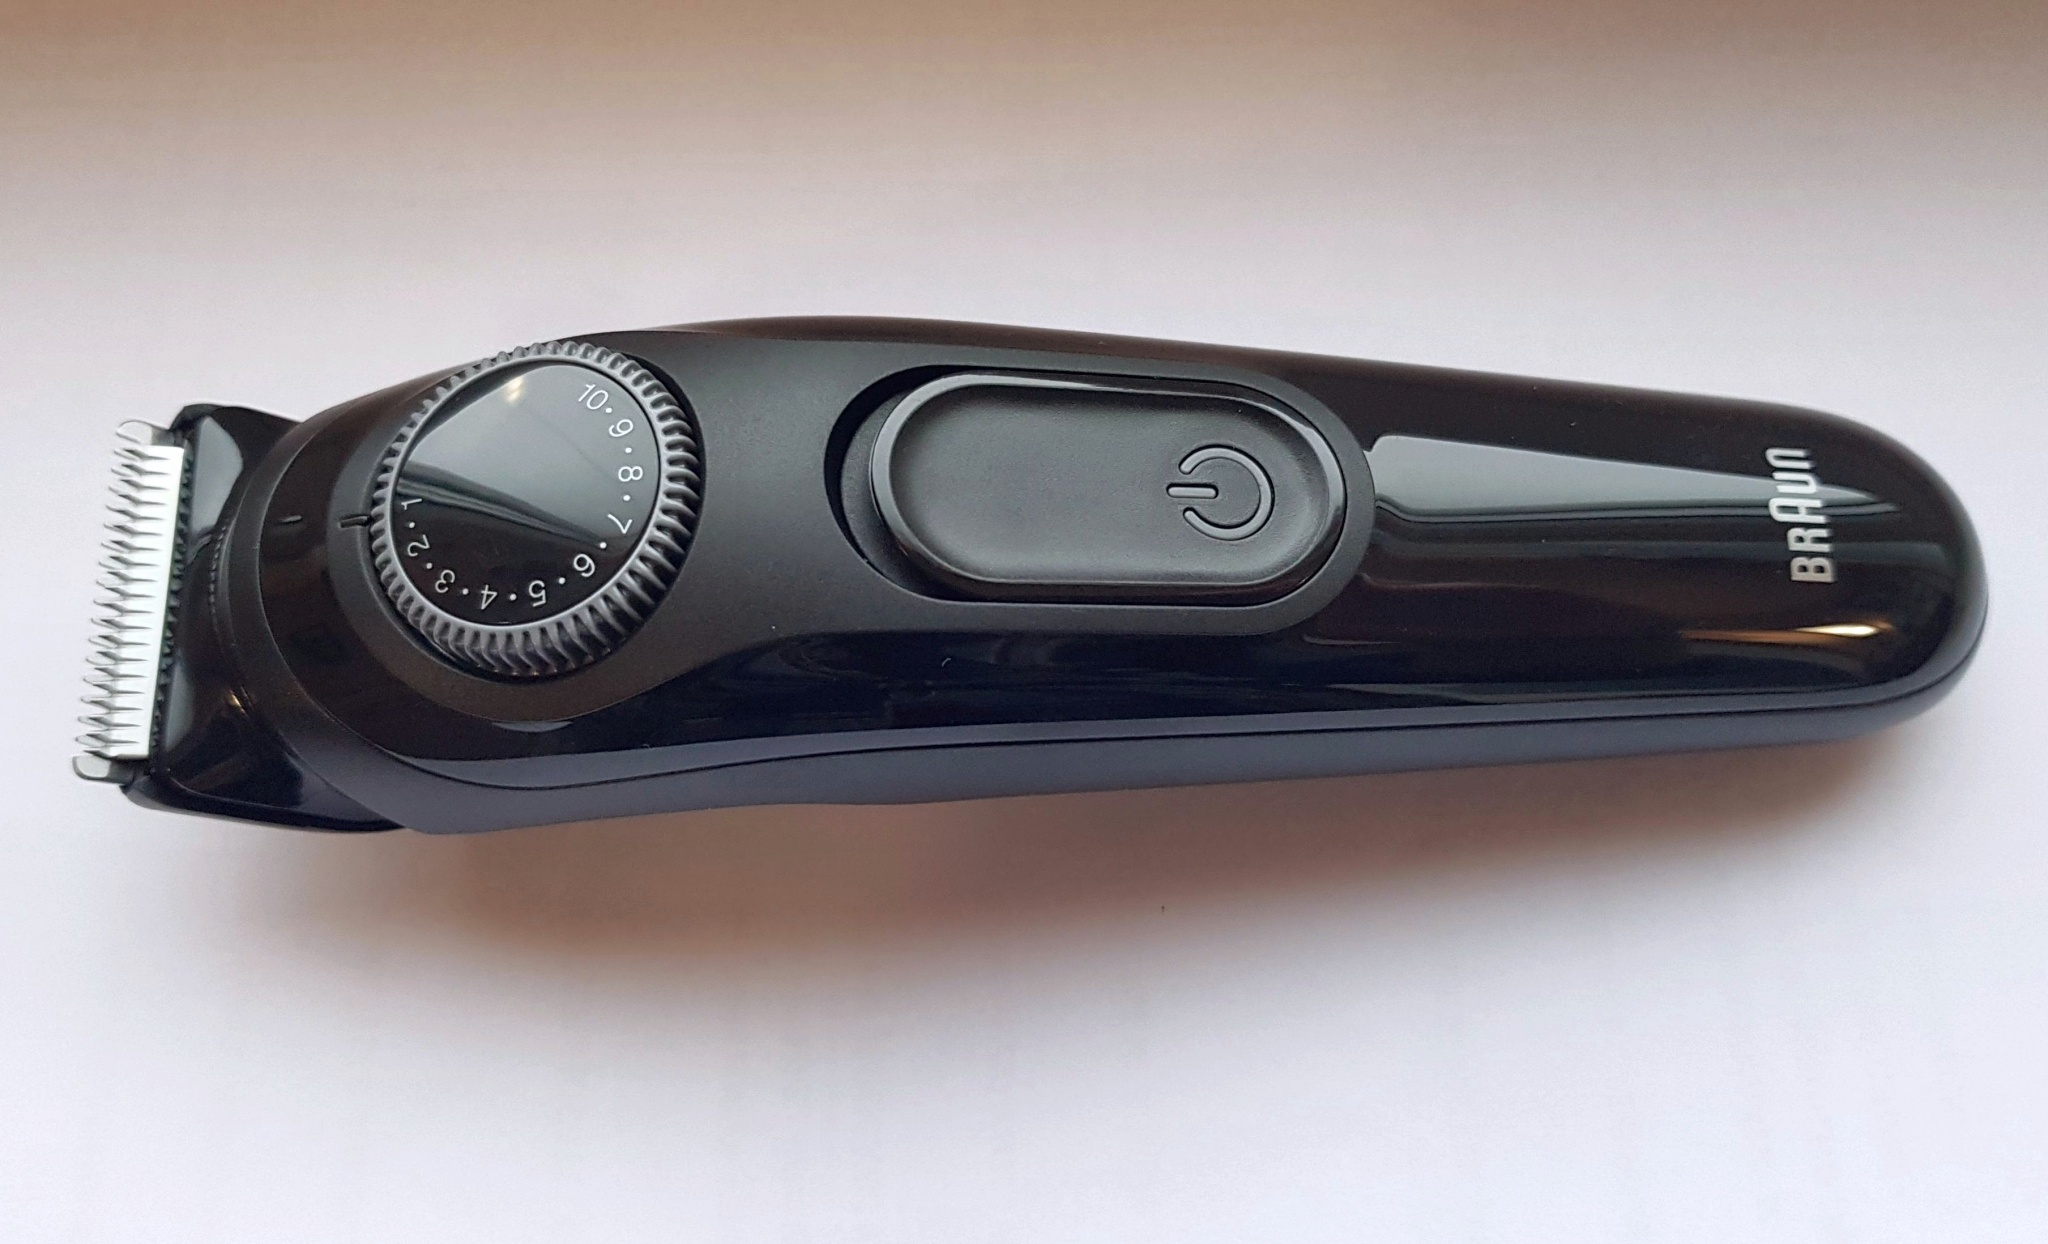 Braun BT 3020